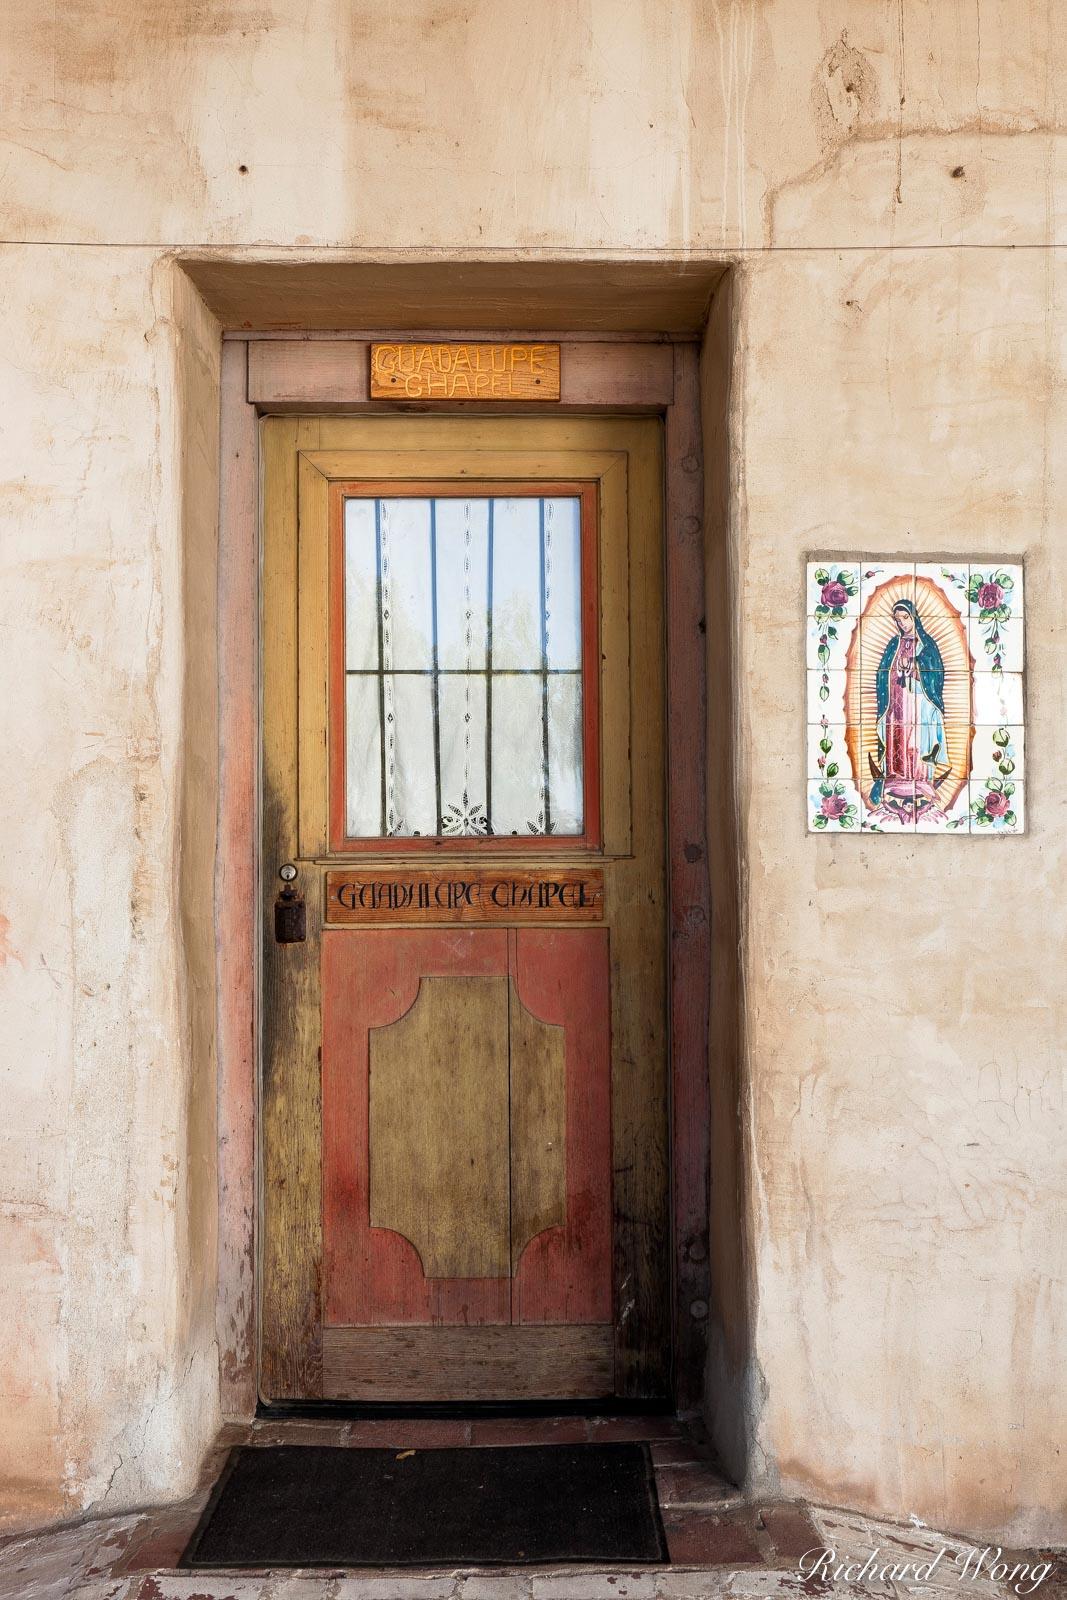 1797, California, California Missions, alta california, architecture, building, door, doors, doorway, doorways, entrance, exterior, guadalupe chapel, mission miguel arcangel, national historic landmar, photo